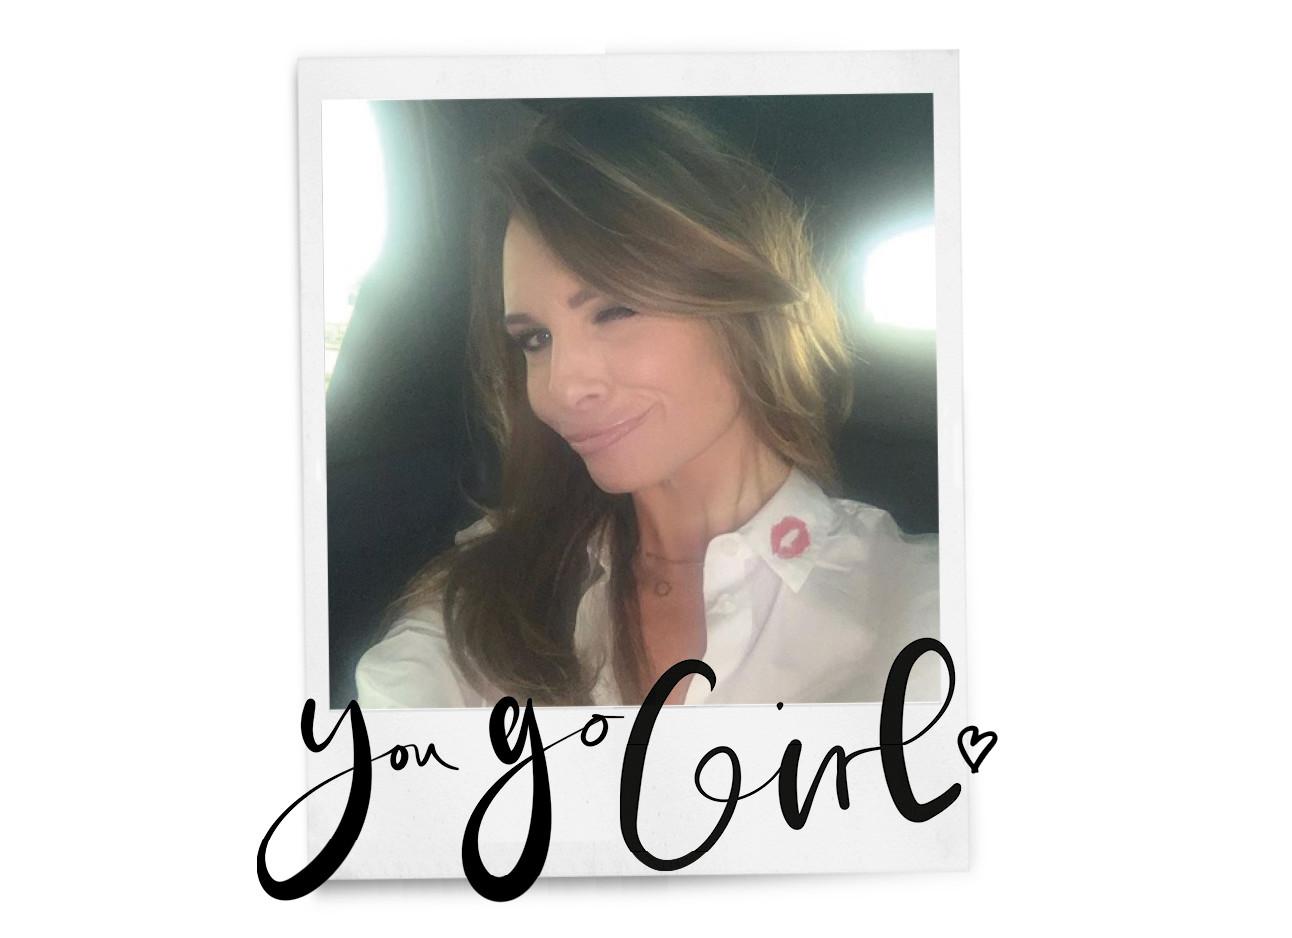 een foto van leontine borsato met een witte blouse aan